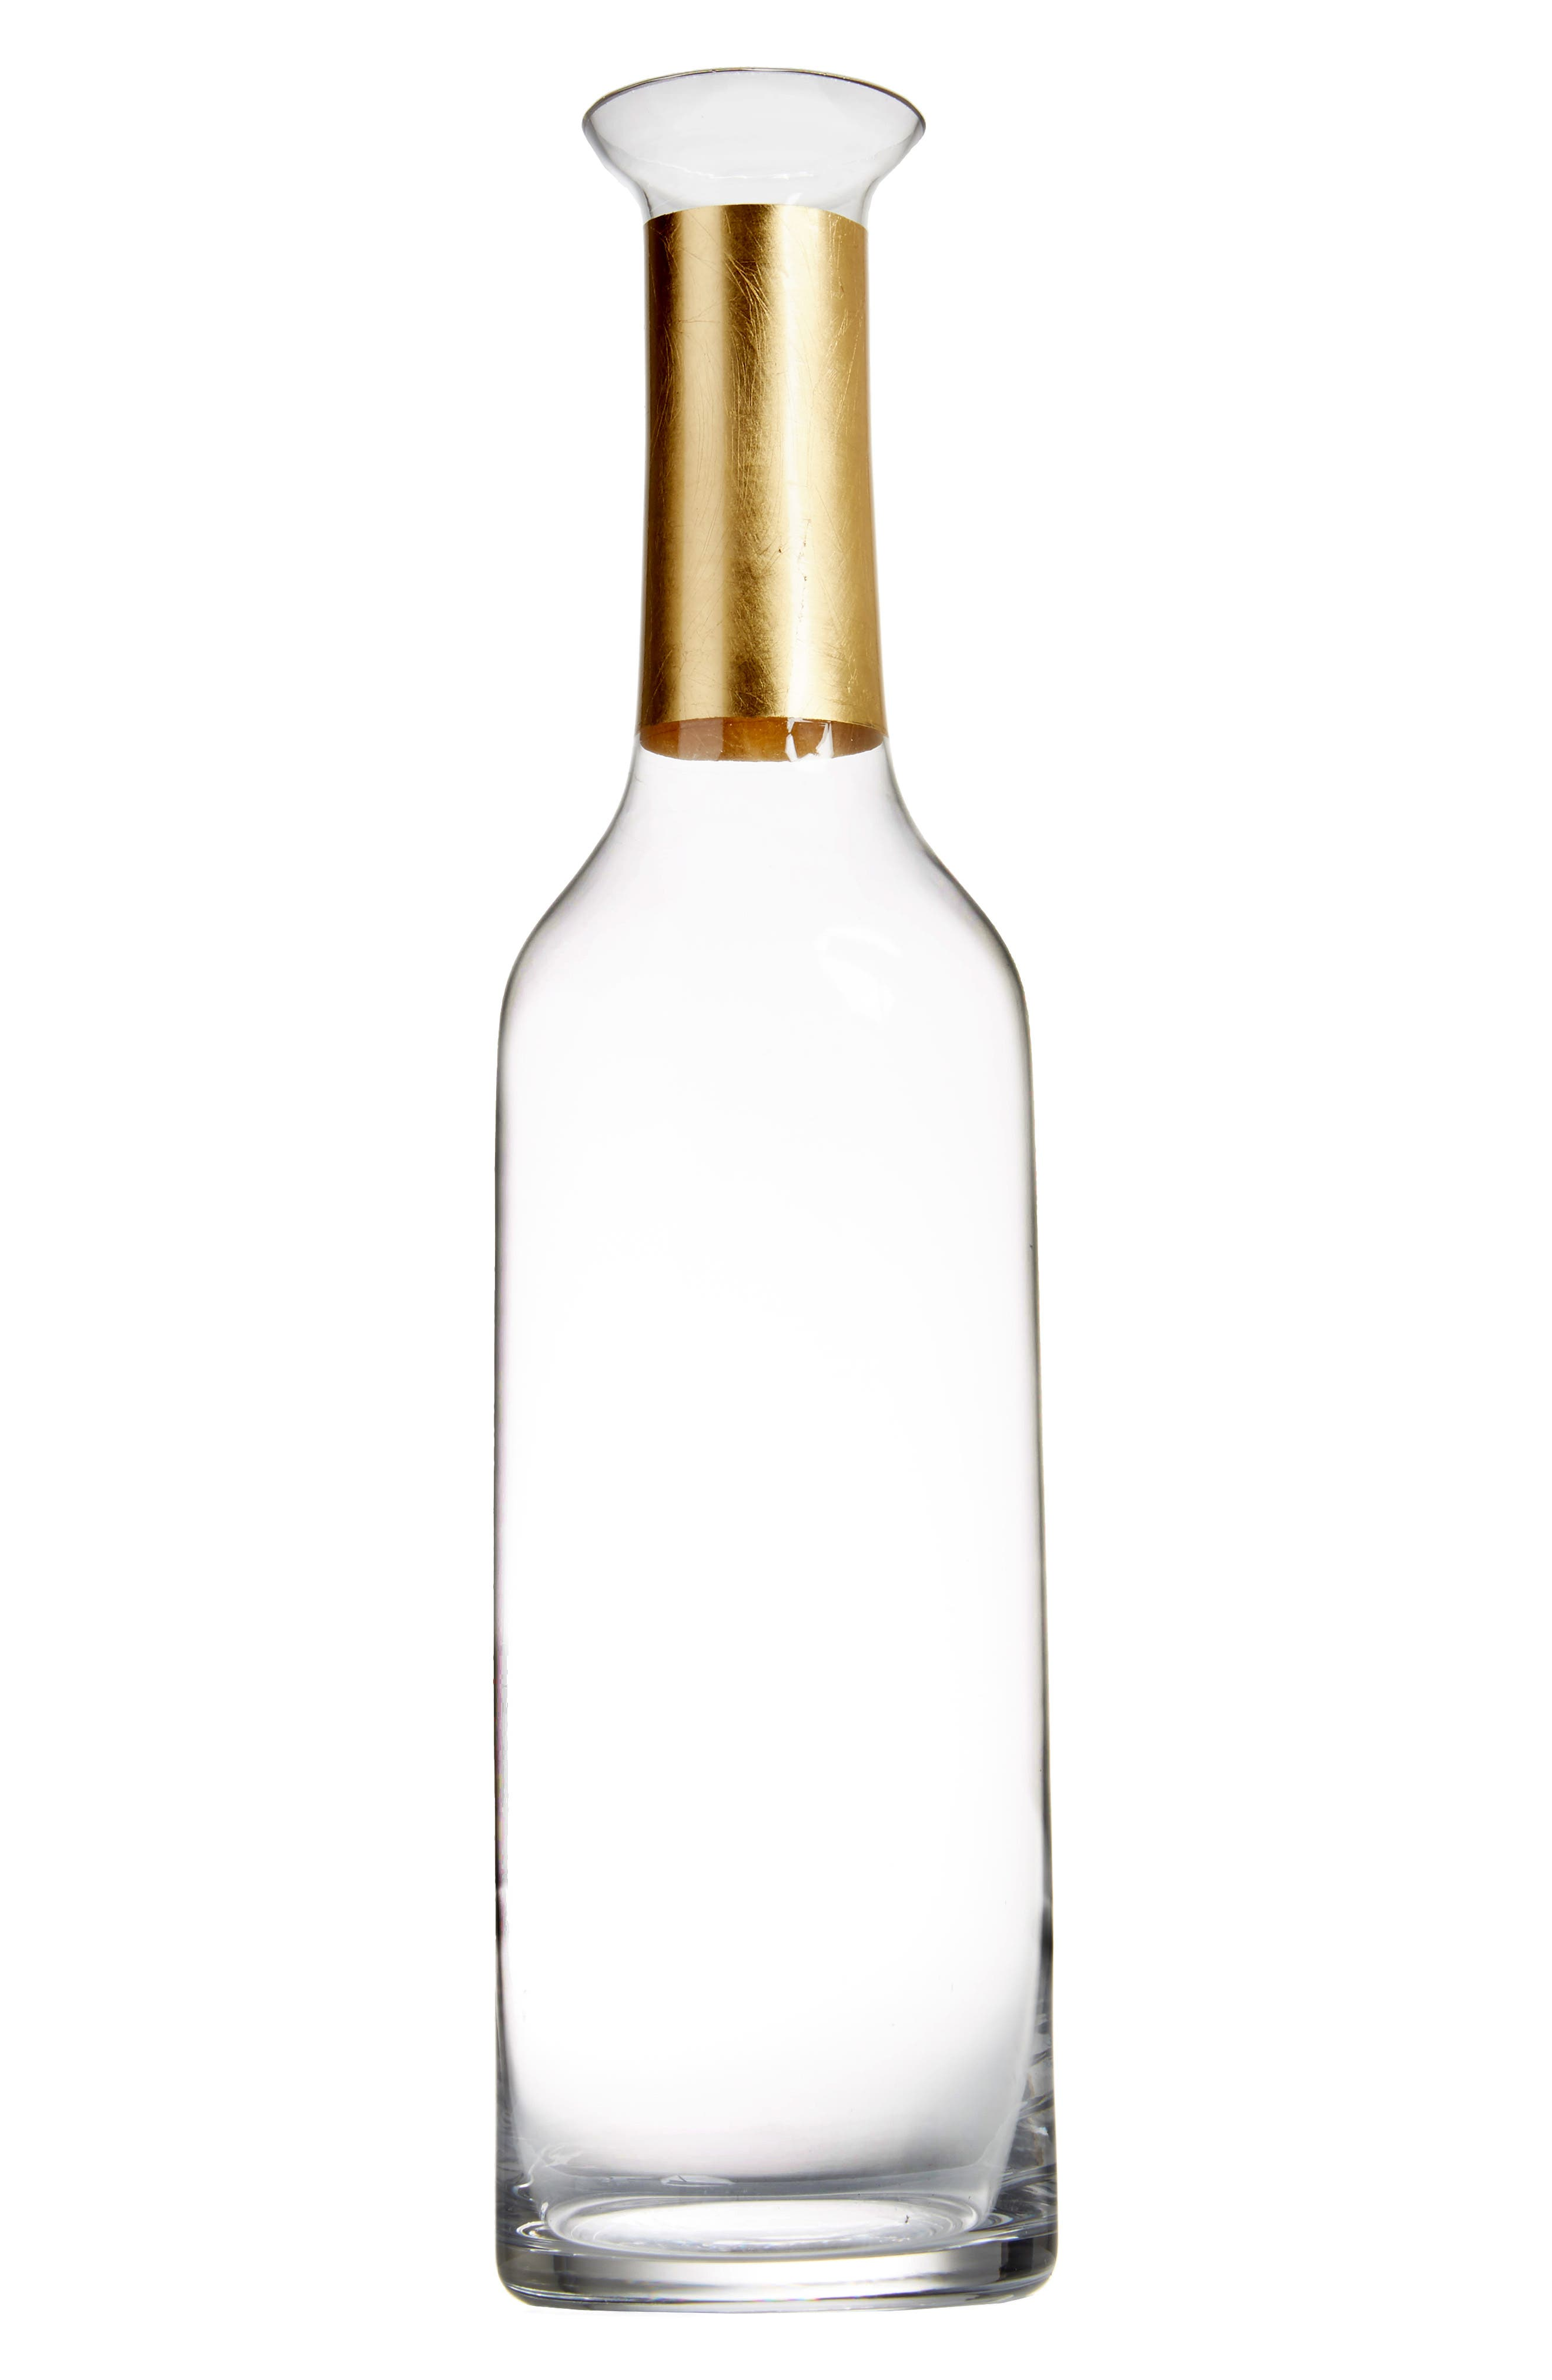 Main Image - Accent Decor Genie Bottle